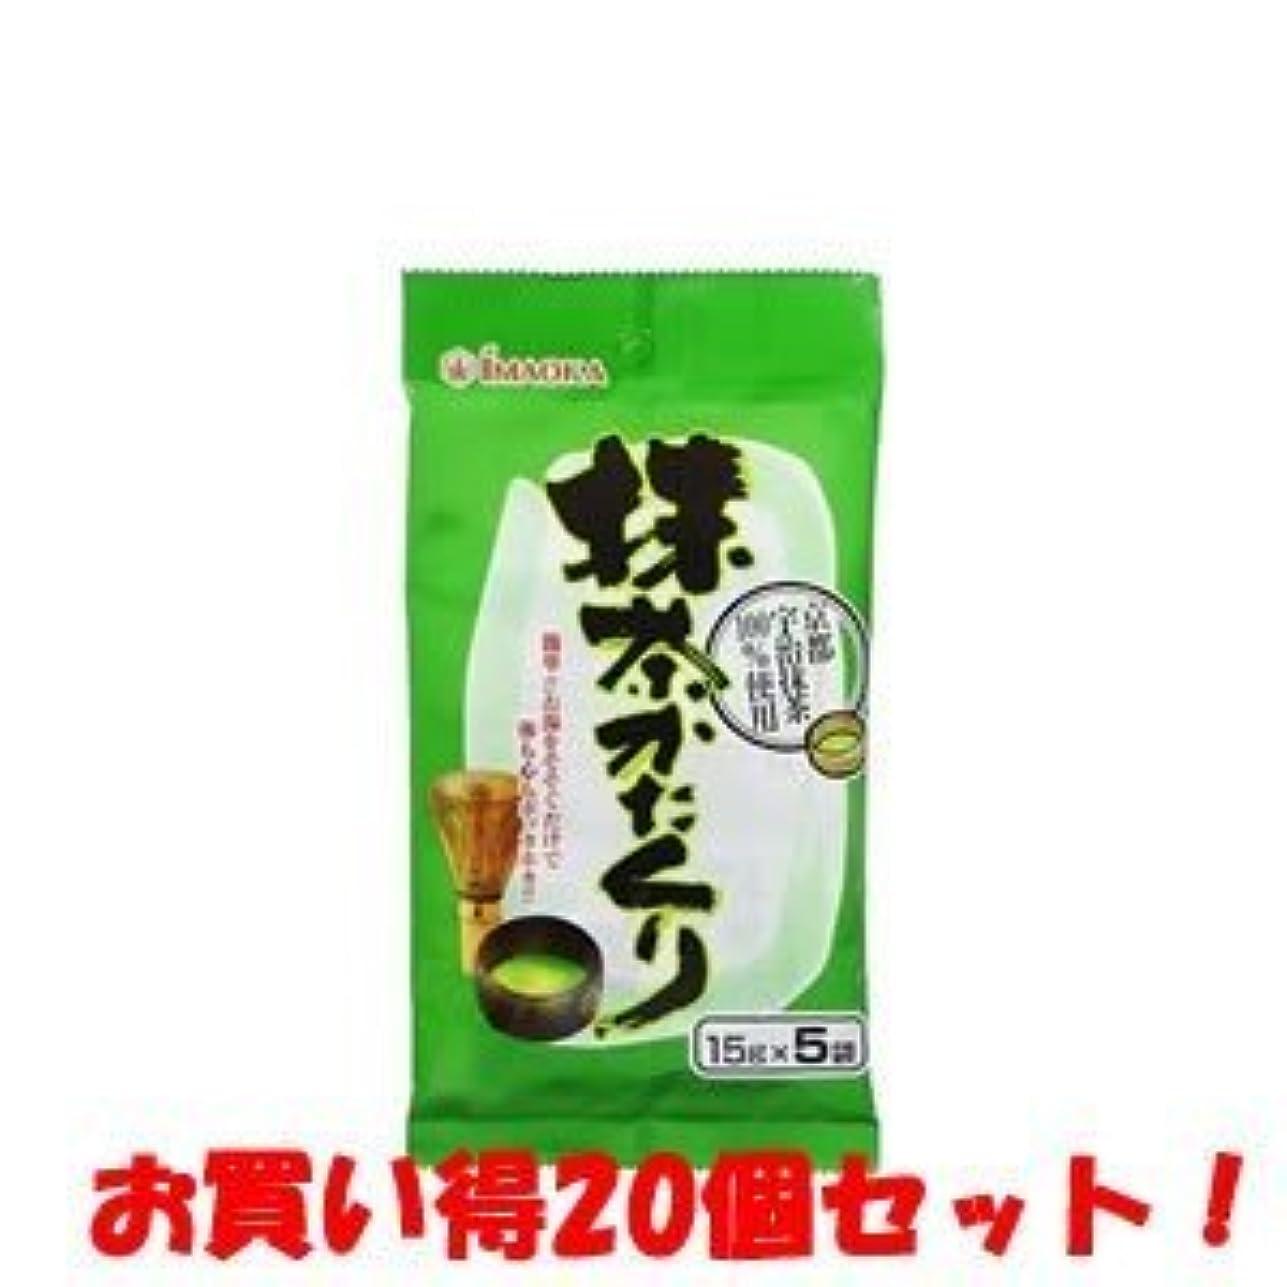 確実聞きますプラカード(今岡製菓)抹茶かたくり 15g×5袋(お買い得20個セット)